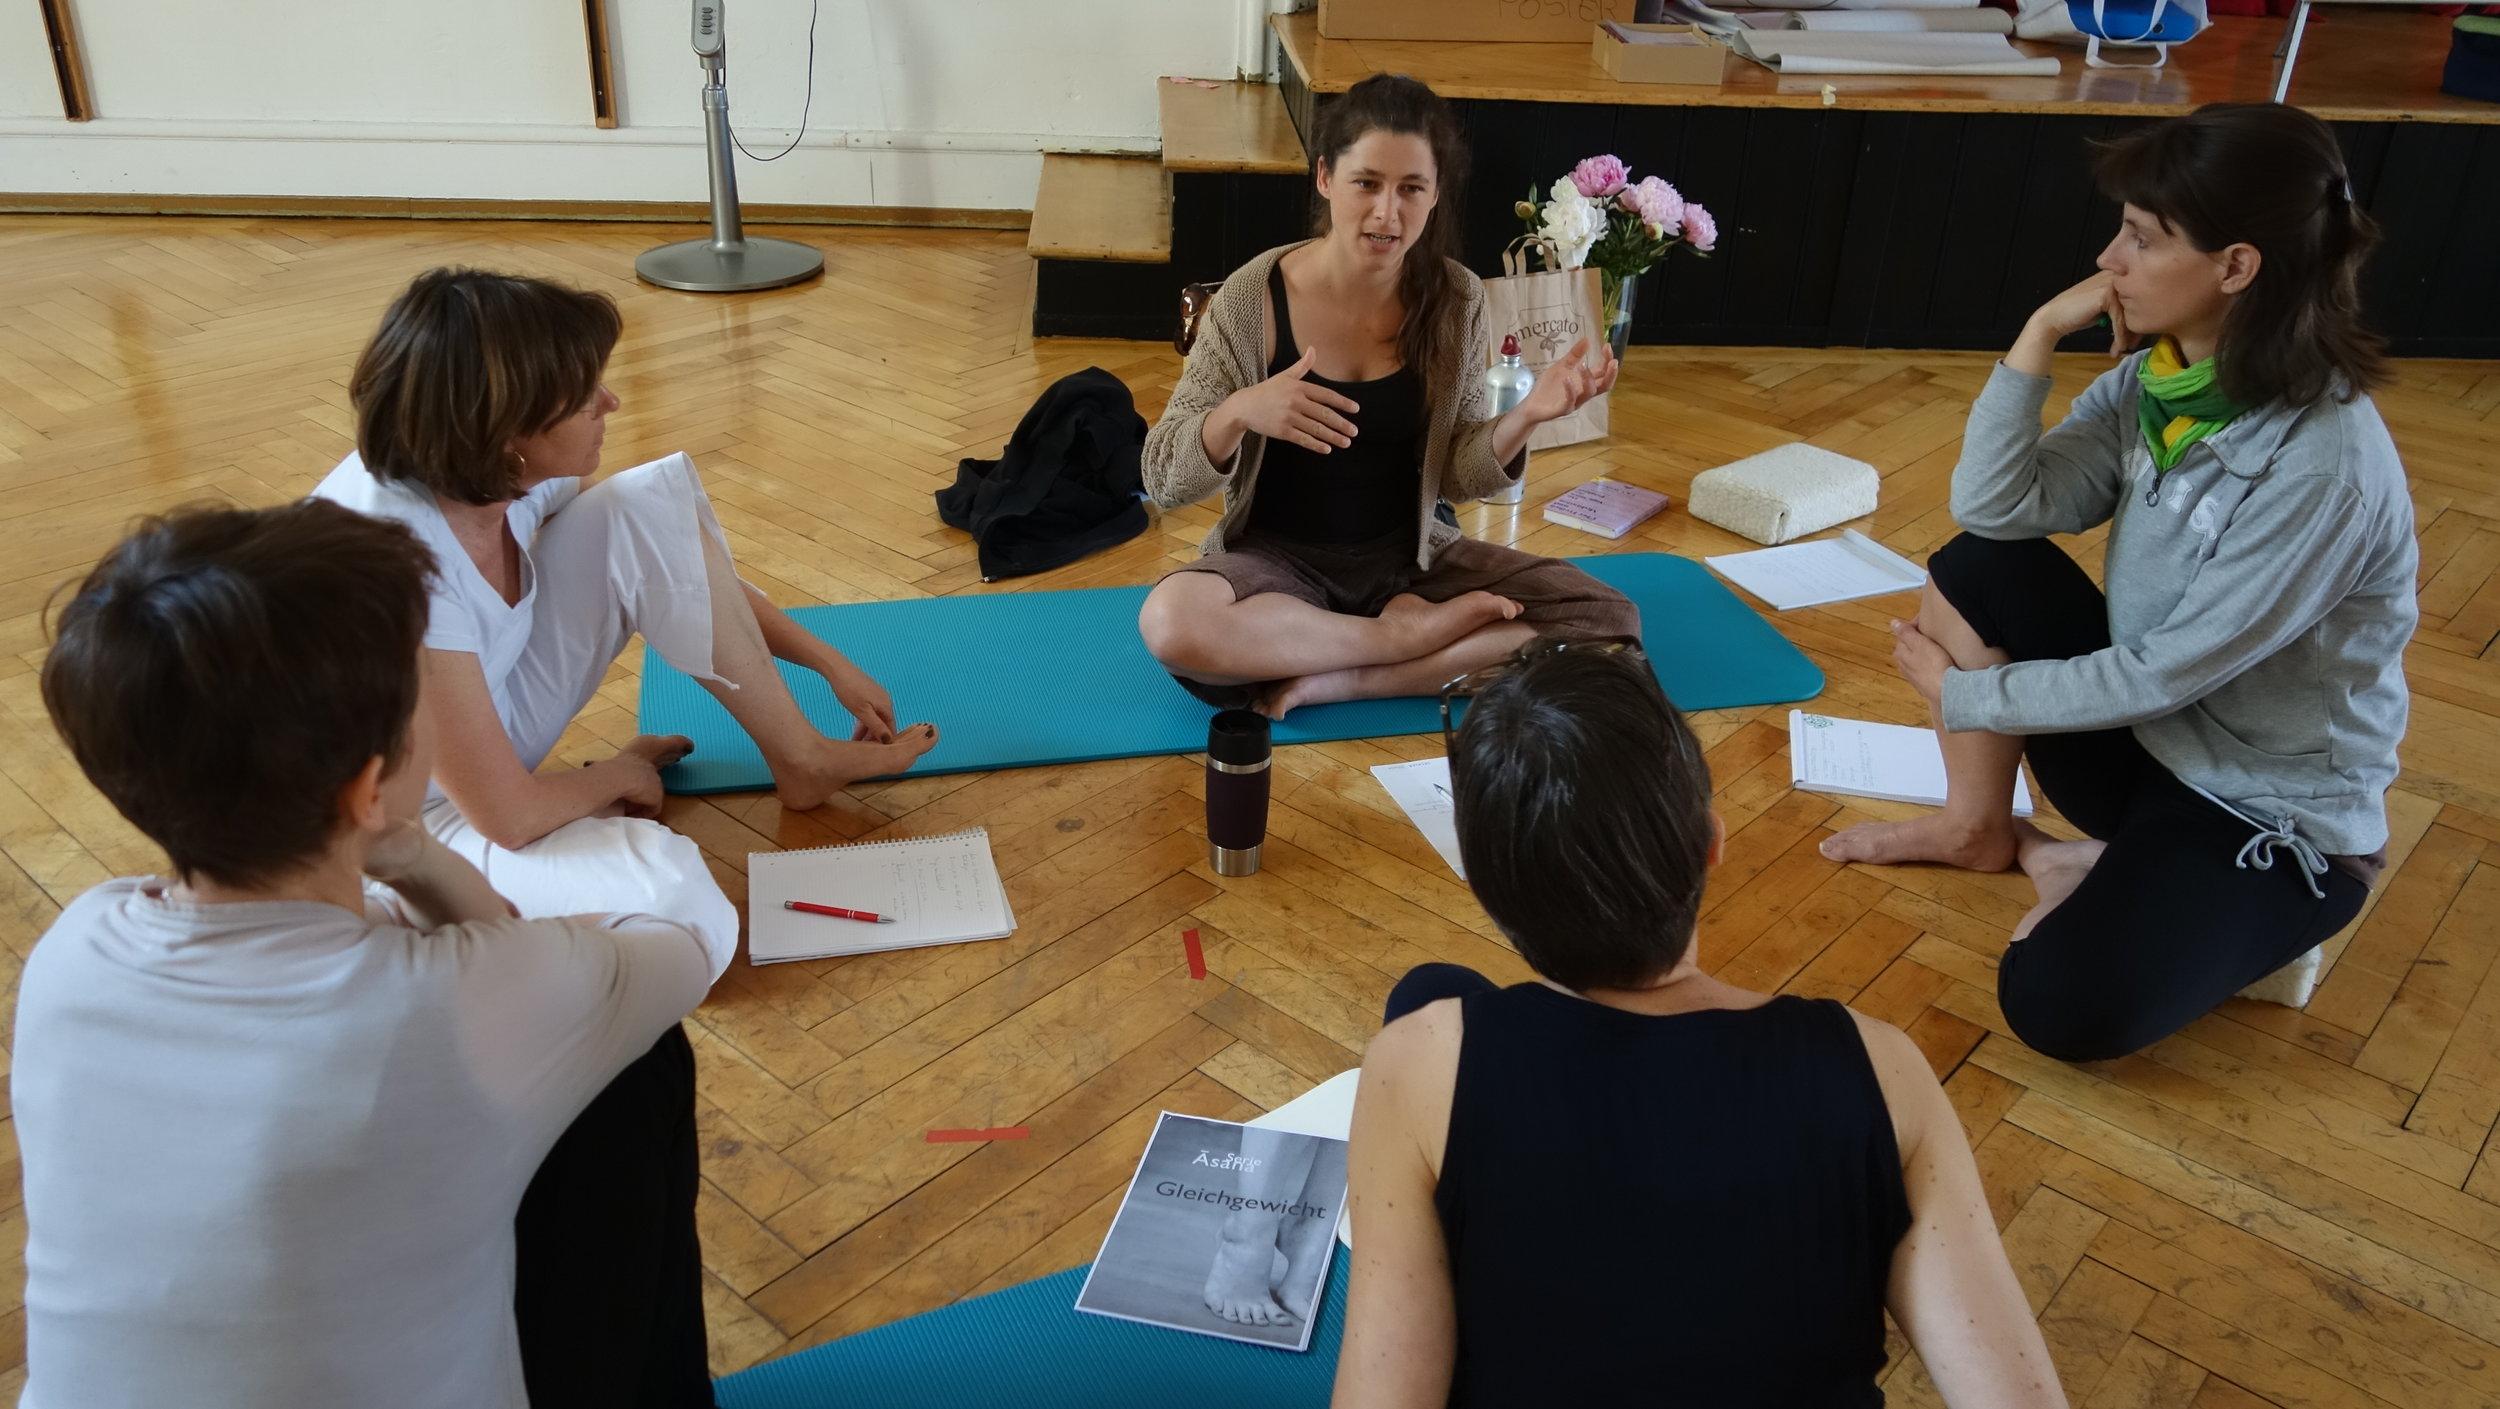 Willst du Fragestellungen aus dem Unterricht diskutieren? Und suchst den Austausch mit YogalehrerInnen? Dann ist die Supervision ein gutes Angebot für dich.